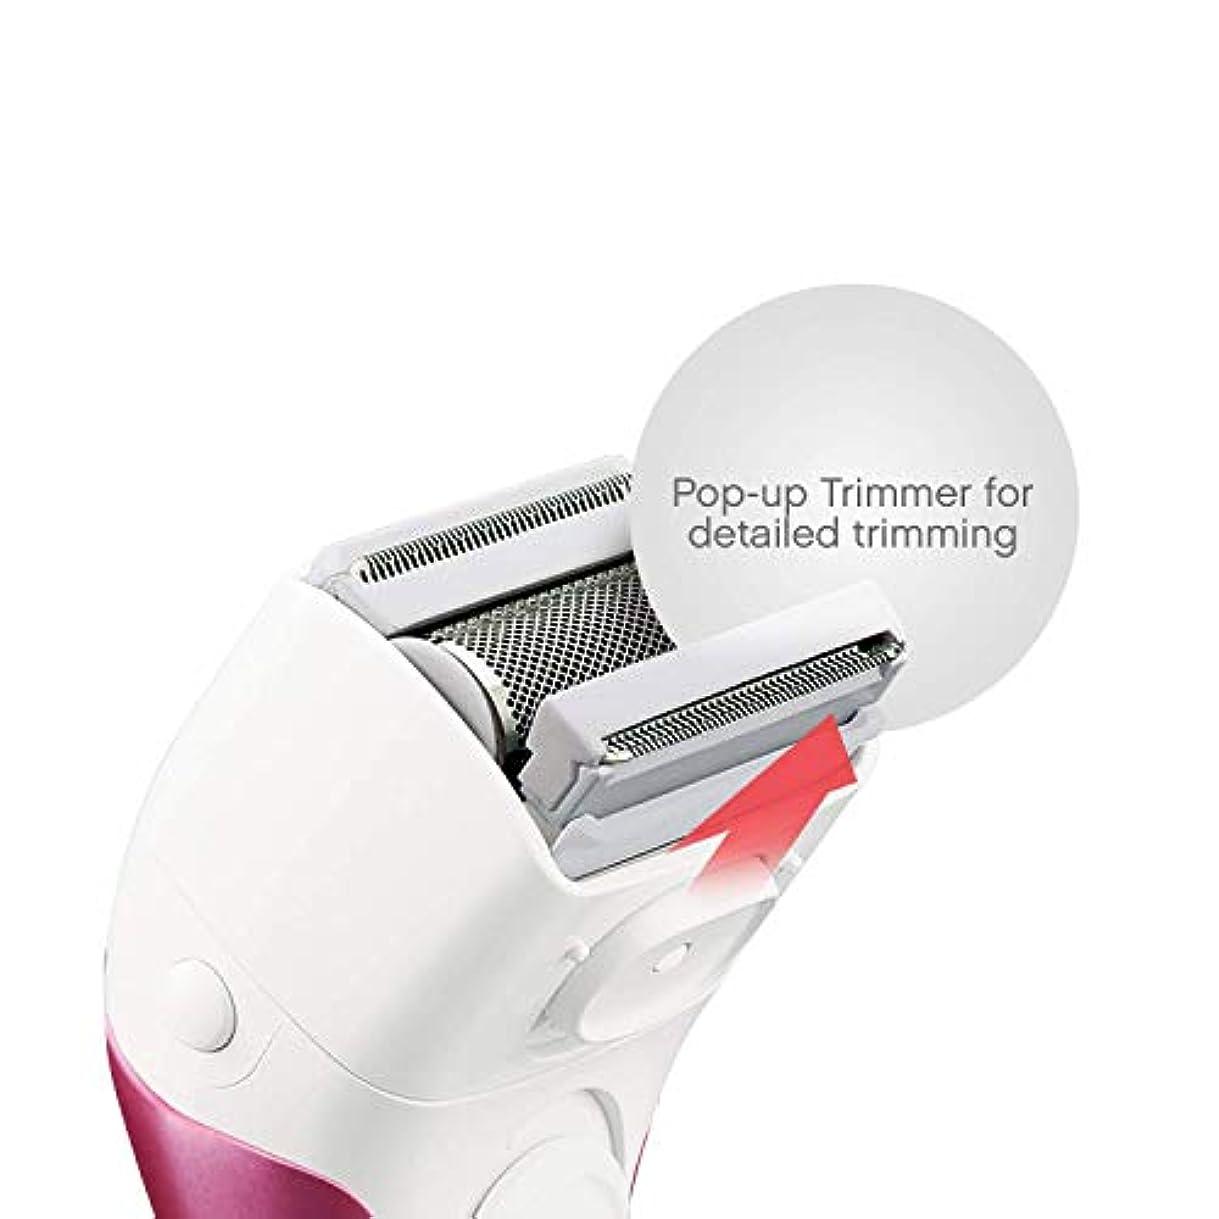 学期発症批判TZY 女性の家庭用電気シェーバー3ブレードワイヤレスレイザーポップアップトリマー独立浮上ヘッドウェットとドライ防水脱毛機器